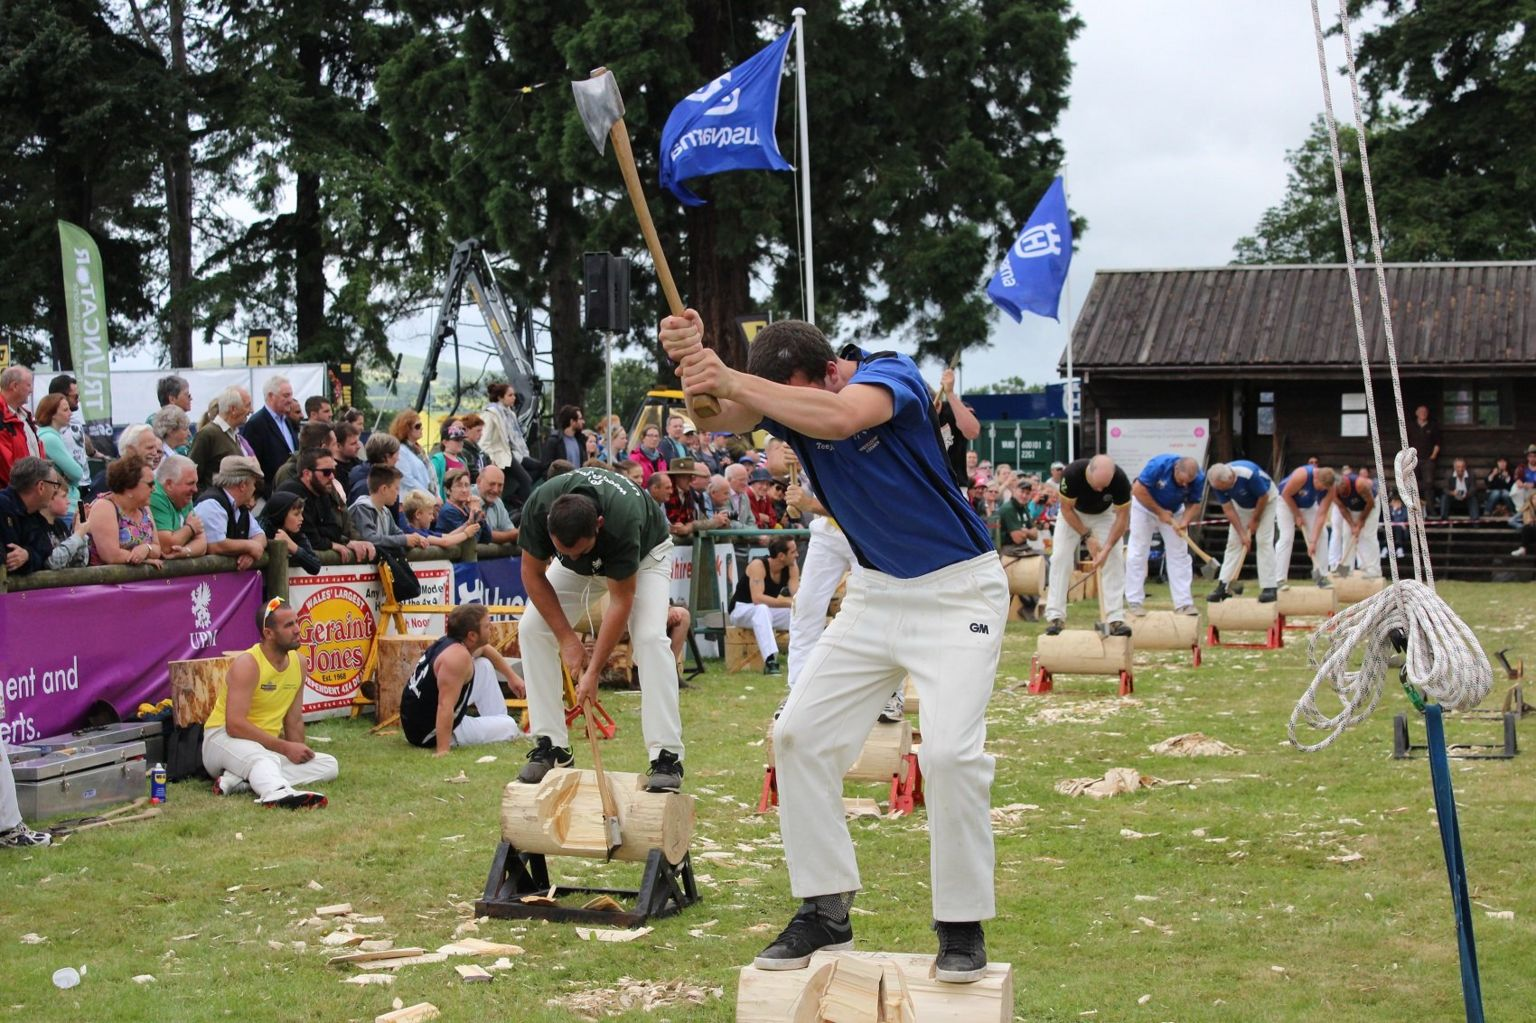 Mae angen tipyn o fôn braich ar y bwyellwyr // Plenty of upper body strength is needed by these powerful axemen